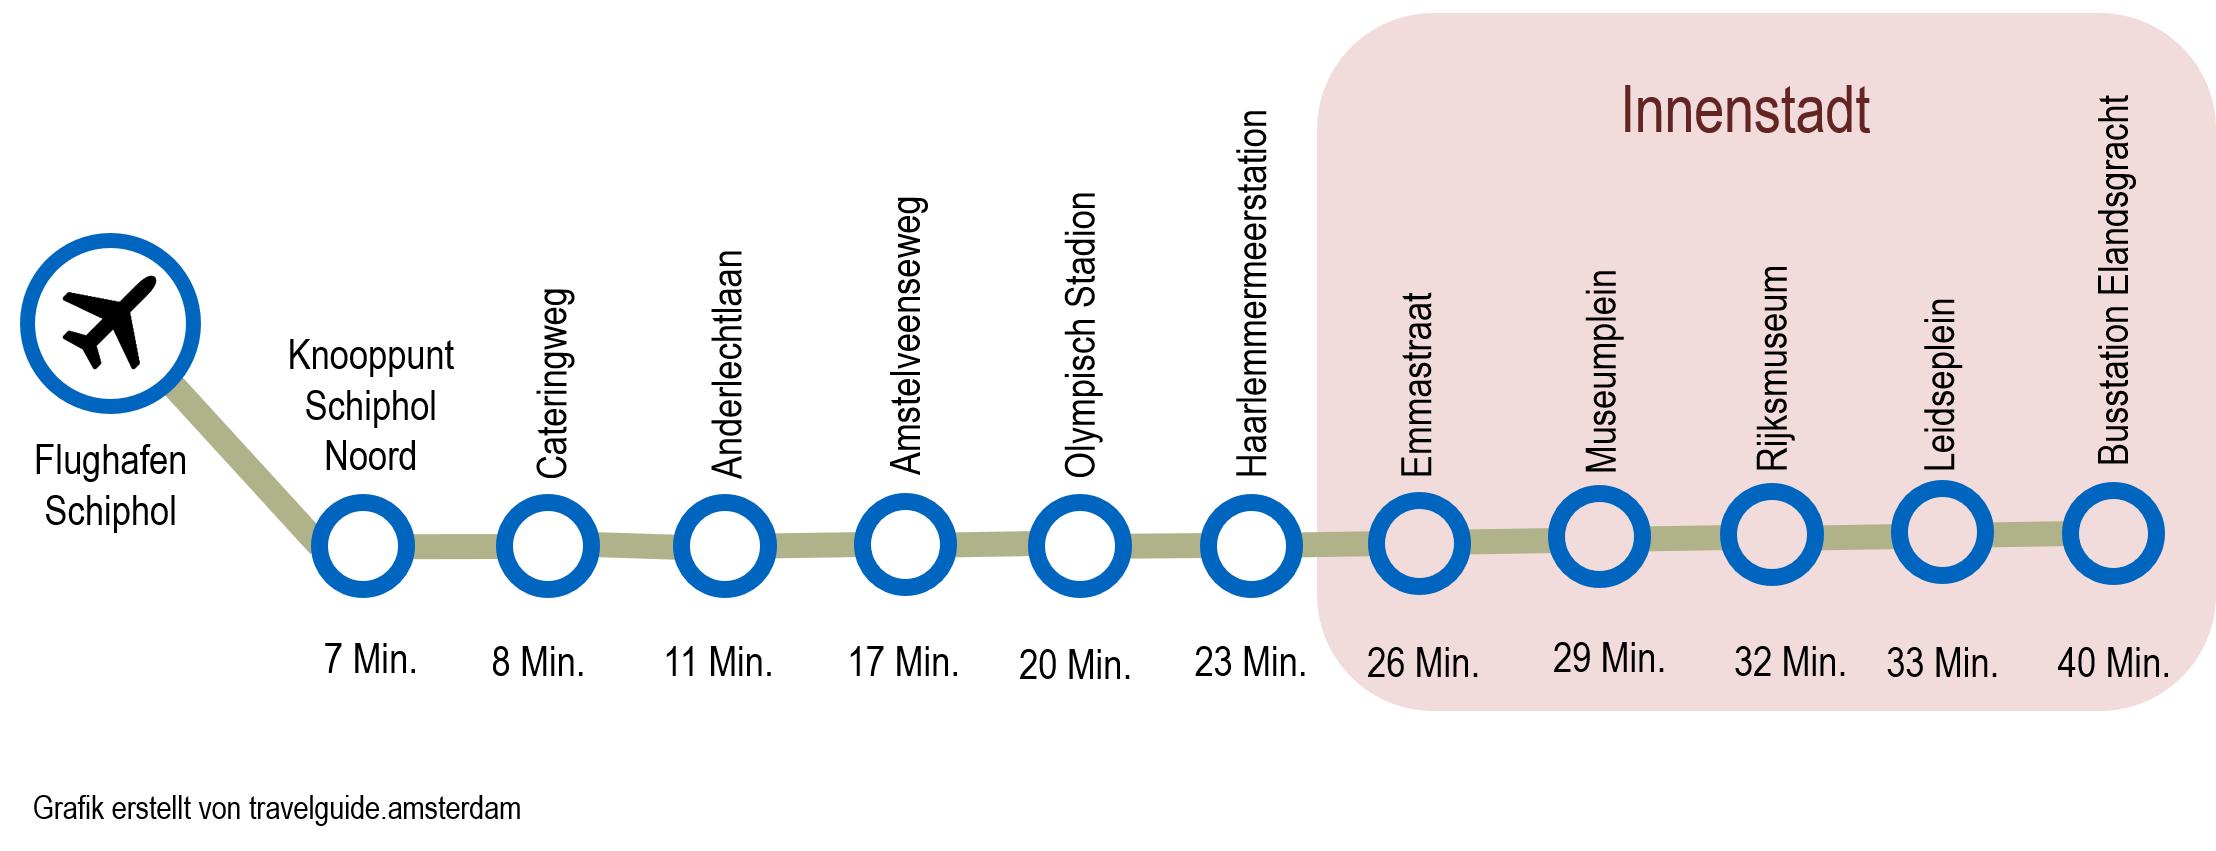 Haltestellen Plan Karte 397 Airport Express Bus